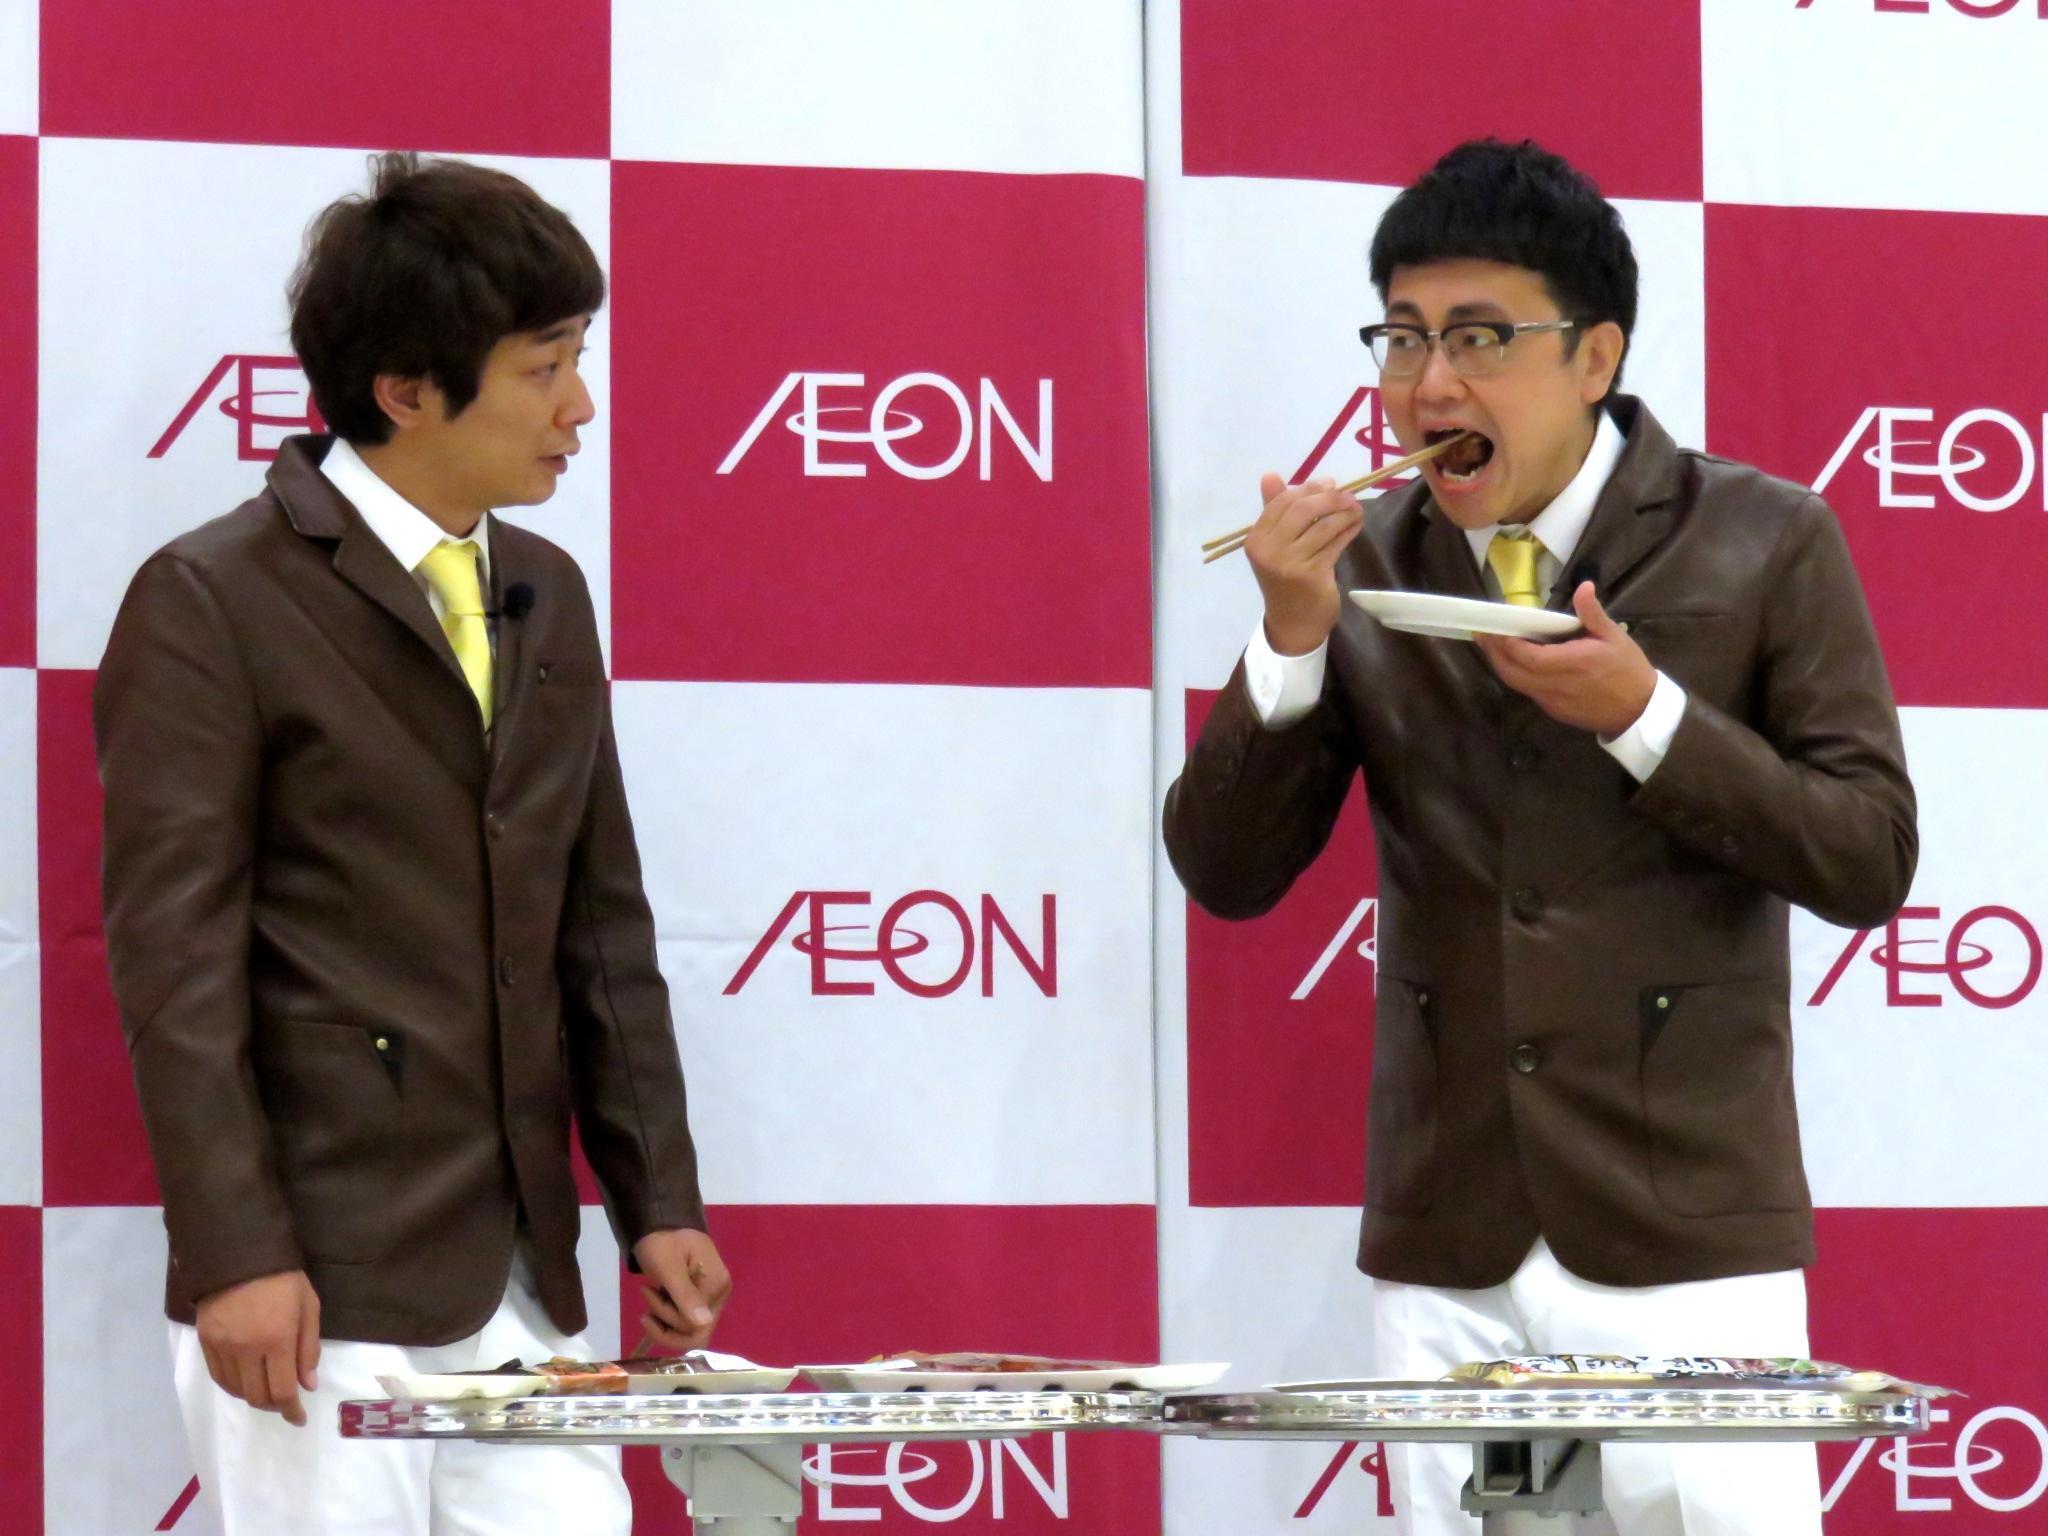 http://news.yoshimoto.co.jp/20170629151639-9632c4a851efb8b1c73bec5fd36357460ee23f61.jpg